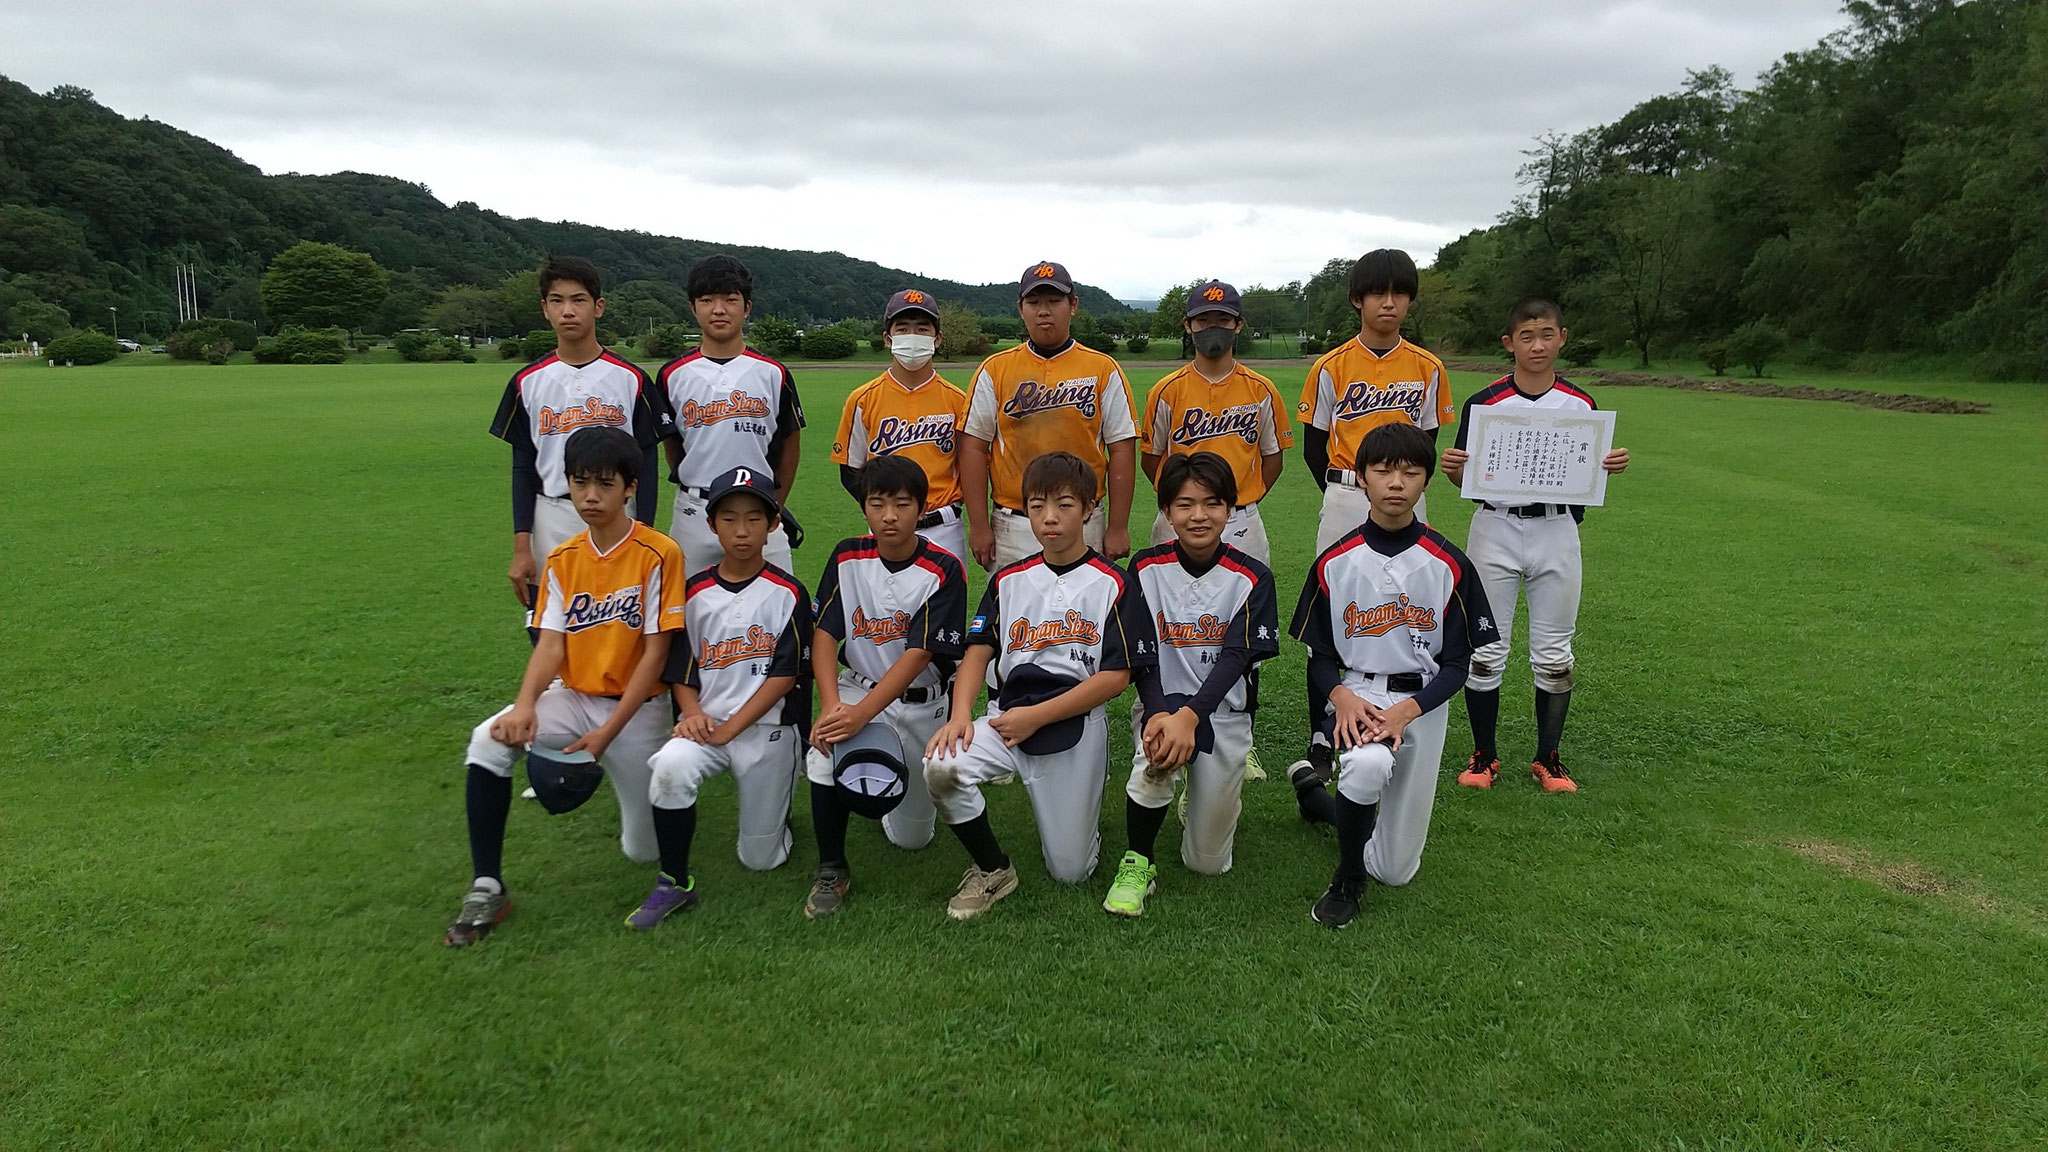 第46回 少年軟式野球(中学)秋季大会 第三位 南八王子俱楽部・八王子ライジング合同 令和3年9月5日